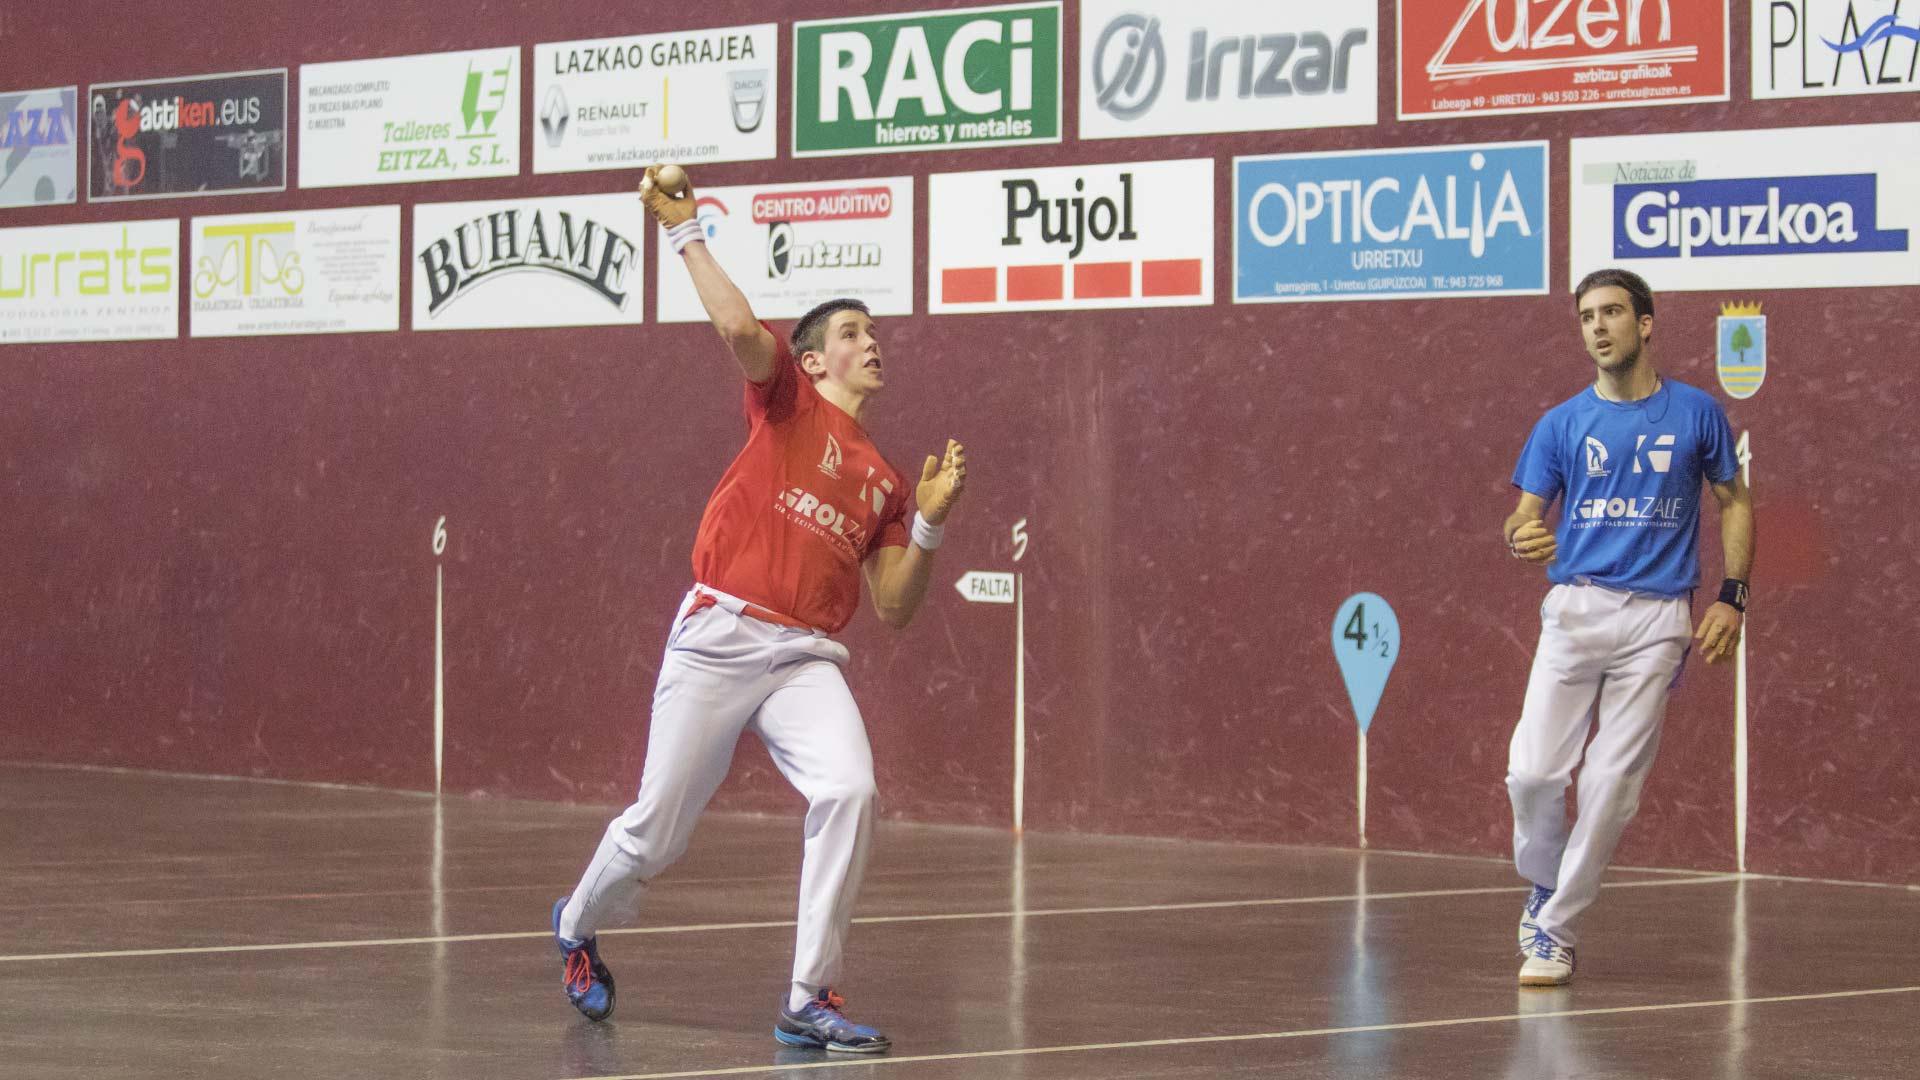 Pujol, presente en los campeonatos de pelota vasca